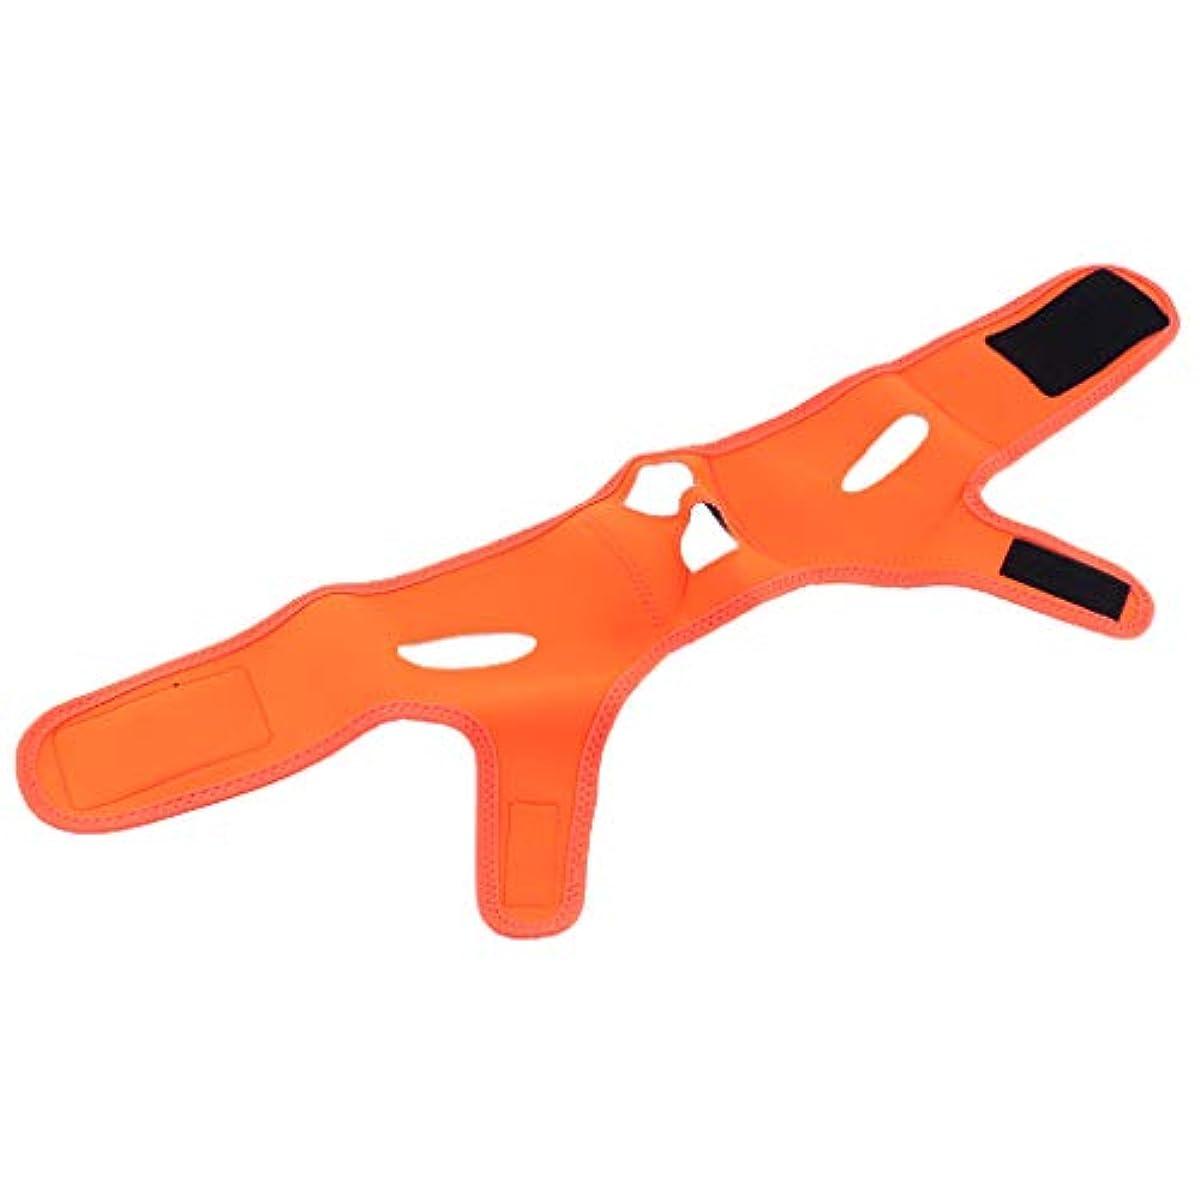 転送原理バイパス頬ベルトVラインスリムストラップマスク顔の美しさのツールを持ち上げる顔 - オレンジ